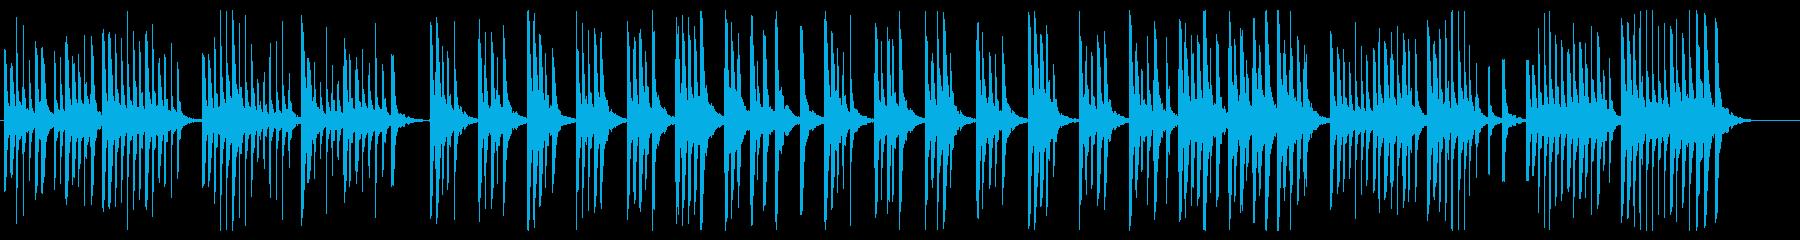 かわいらしく弾むピアノ曲の再生済みの波形